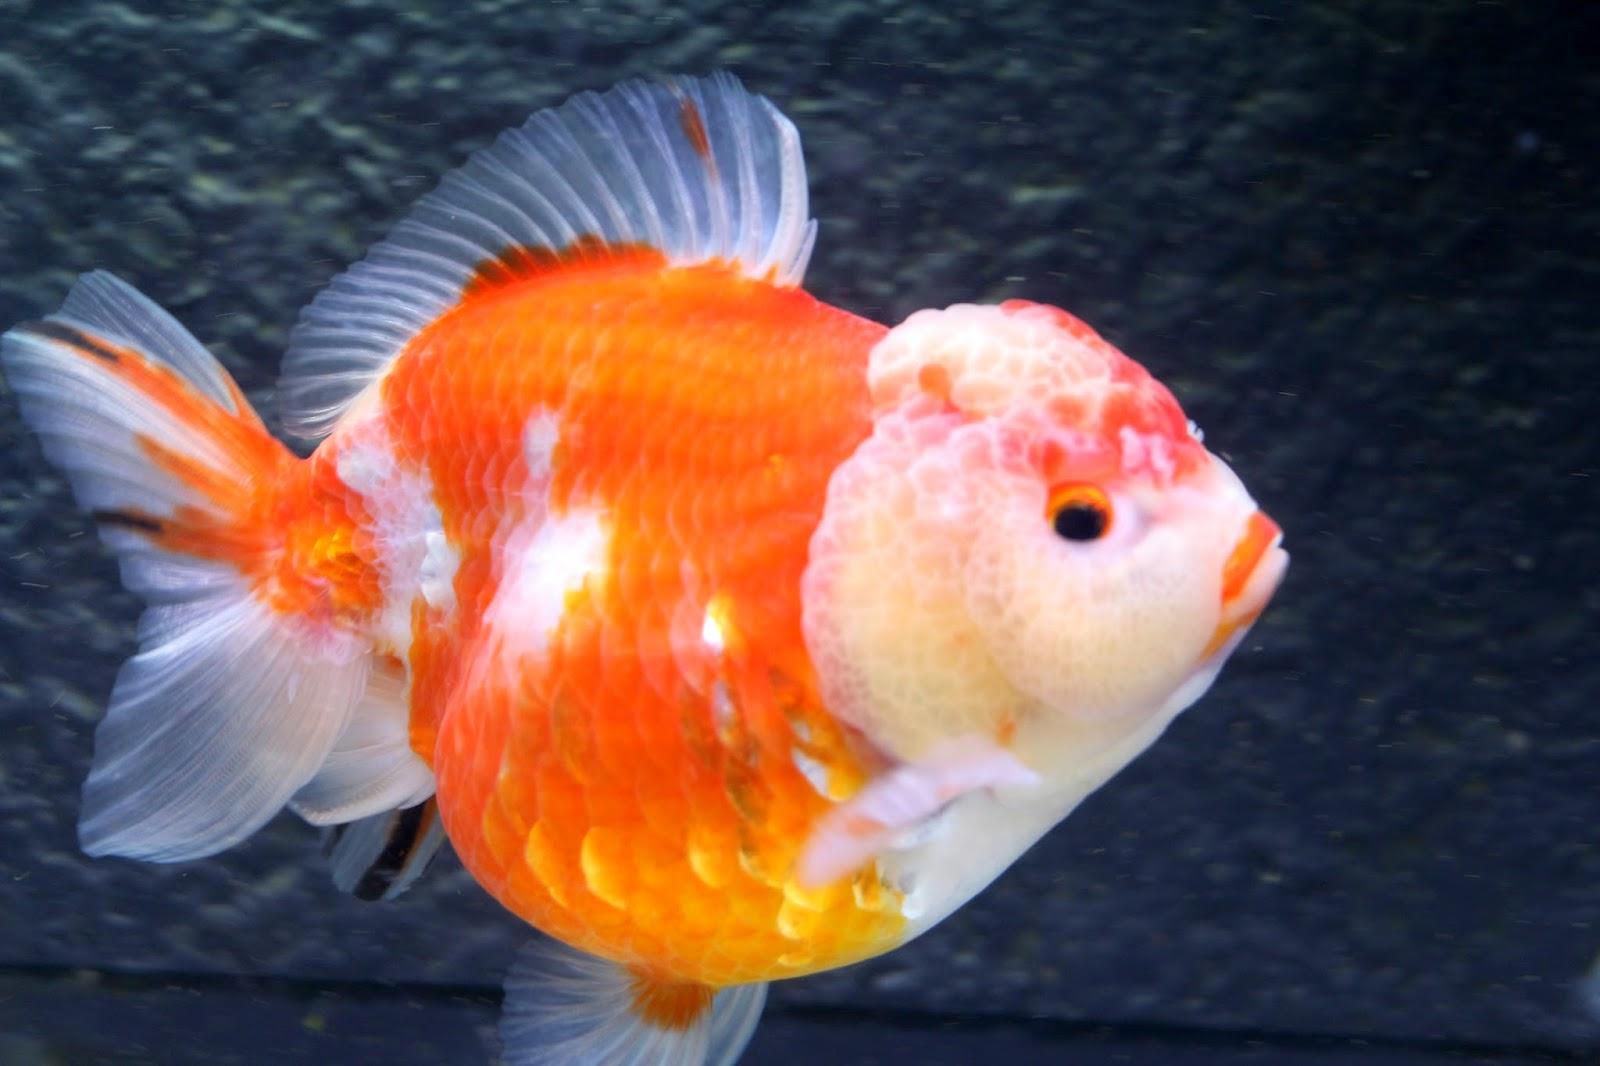 雙溪金魚錦鯉養殖場Shuangxi Goldfish & Koi farm:進出口蘭壽,蝶尾: 泰國獅頭1號/奶油玉兔